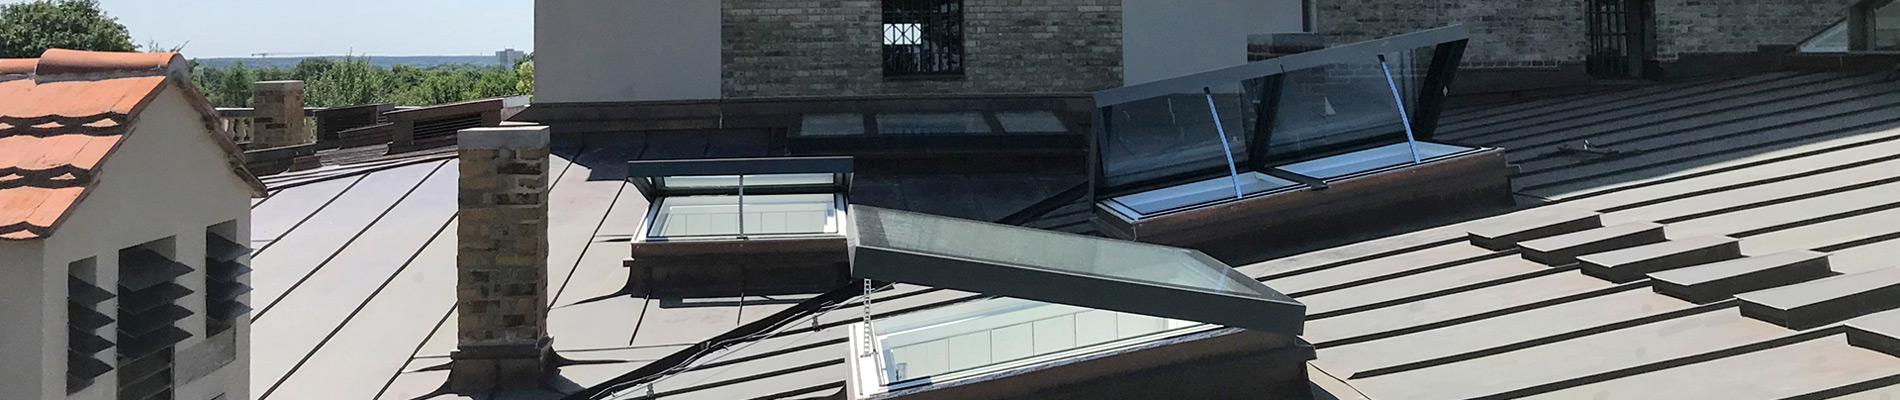 SkyVision COMFORTs auf dem Dach der Orangerie Sanssouci